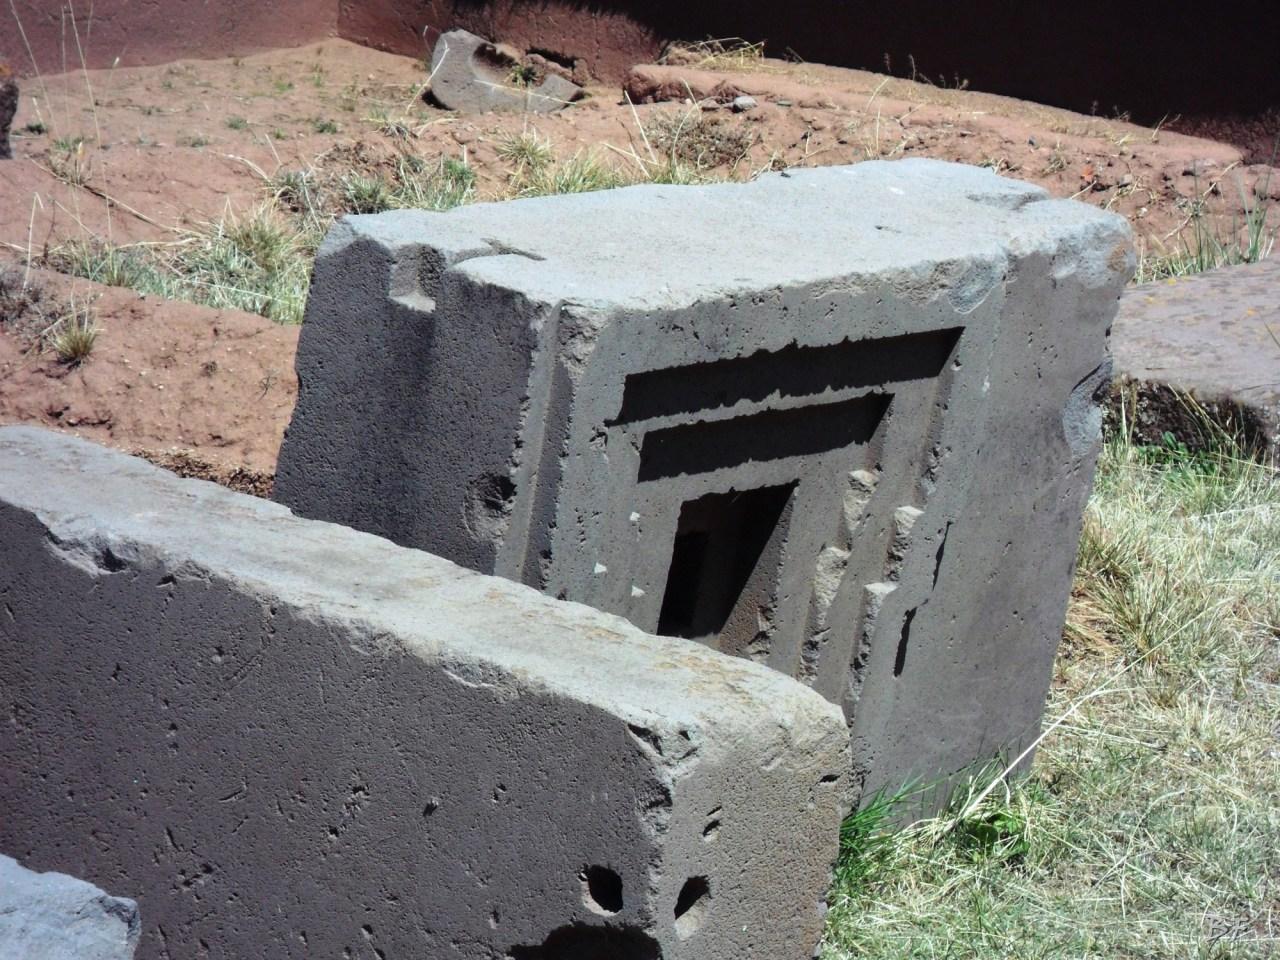 Puma-Punku-Area-Megalitica-Mura-Poligonali-Megaliti-Tiwanaku-Tiahuanaco-Bolivia-68